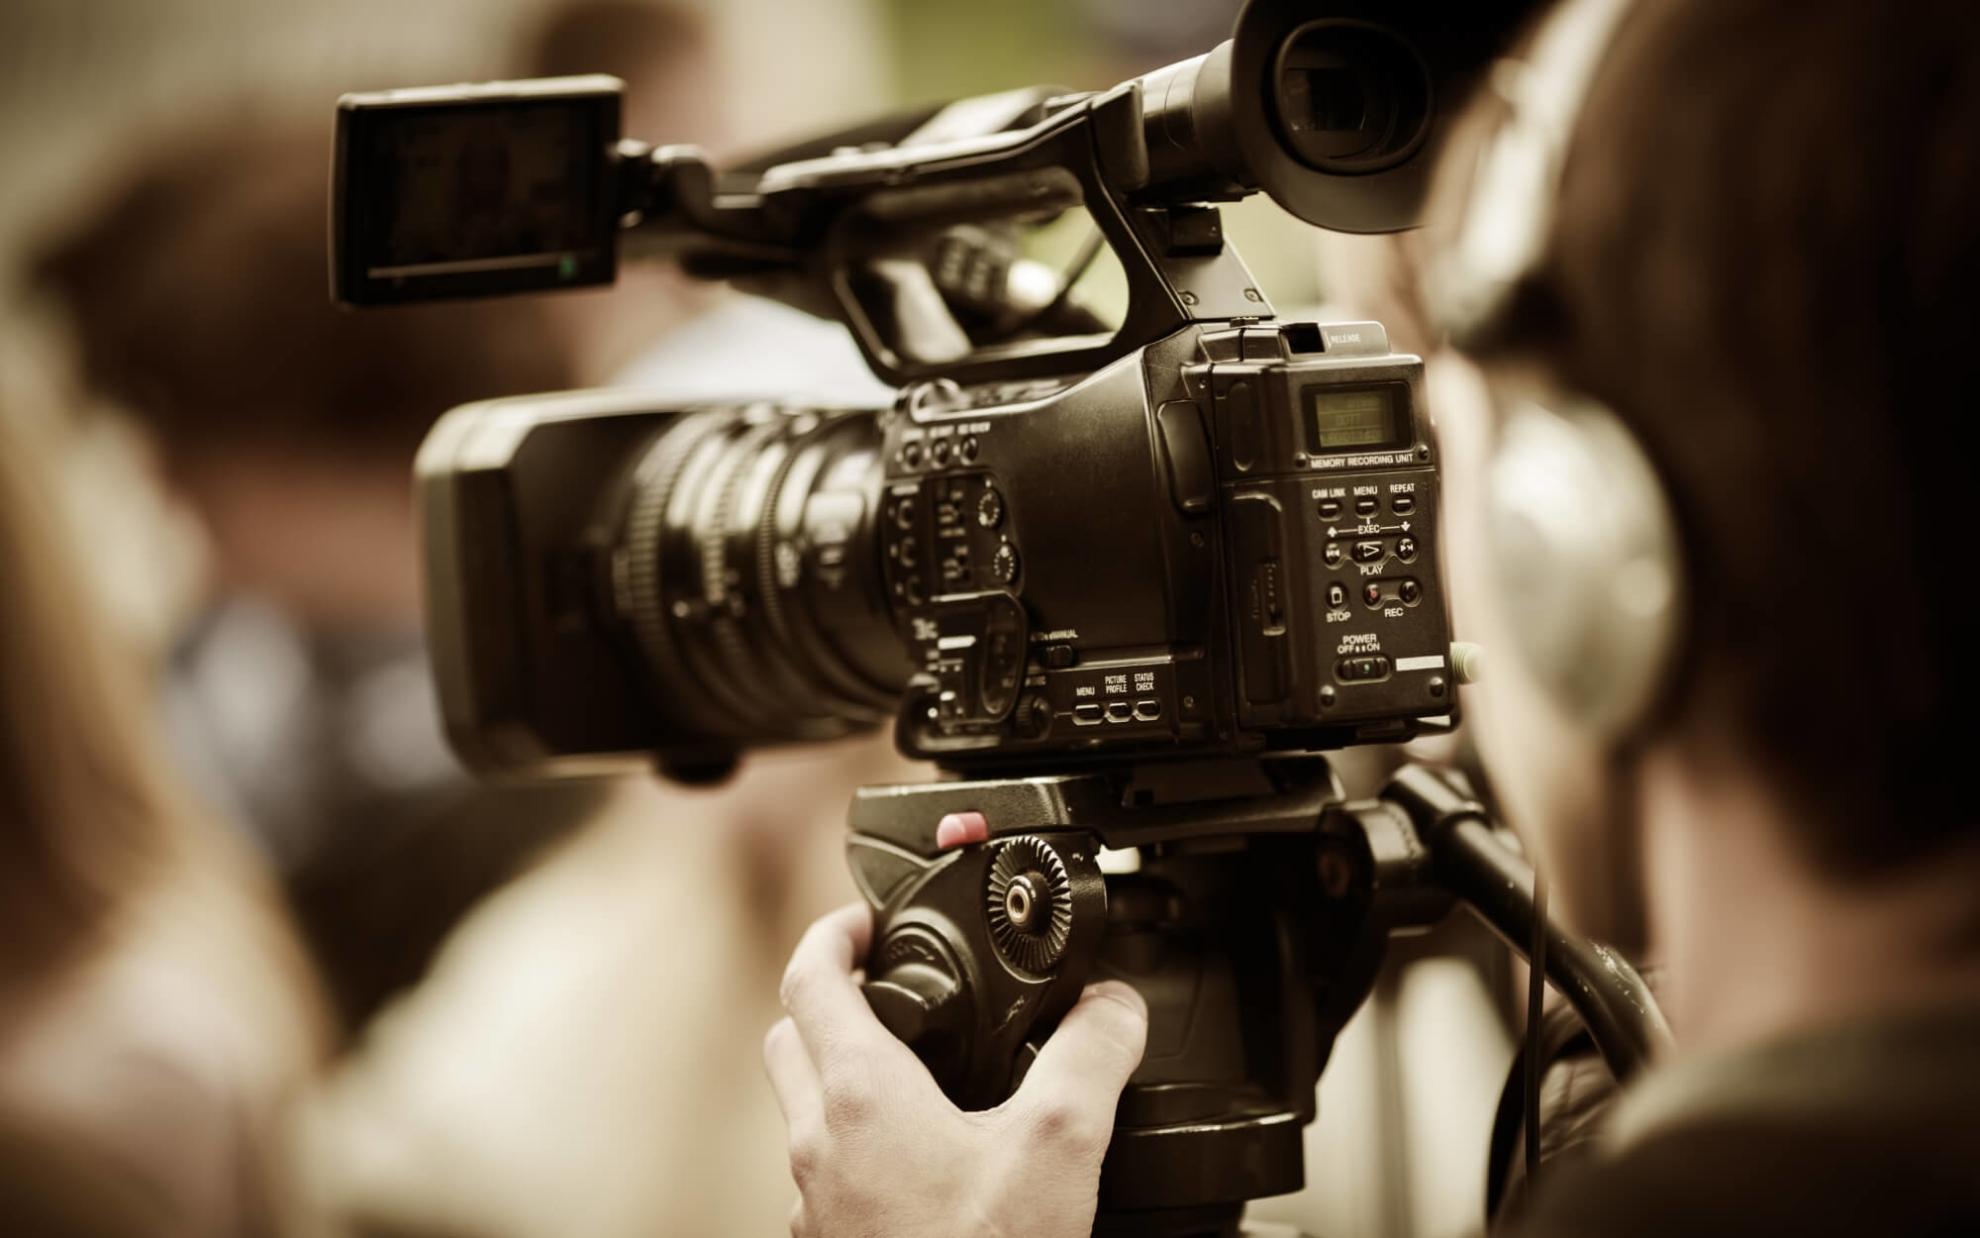 Professionelle Videokamera für Bewegtbild-Journalismus